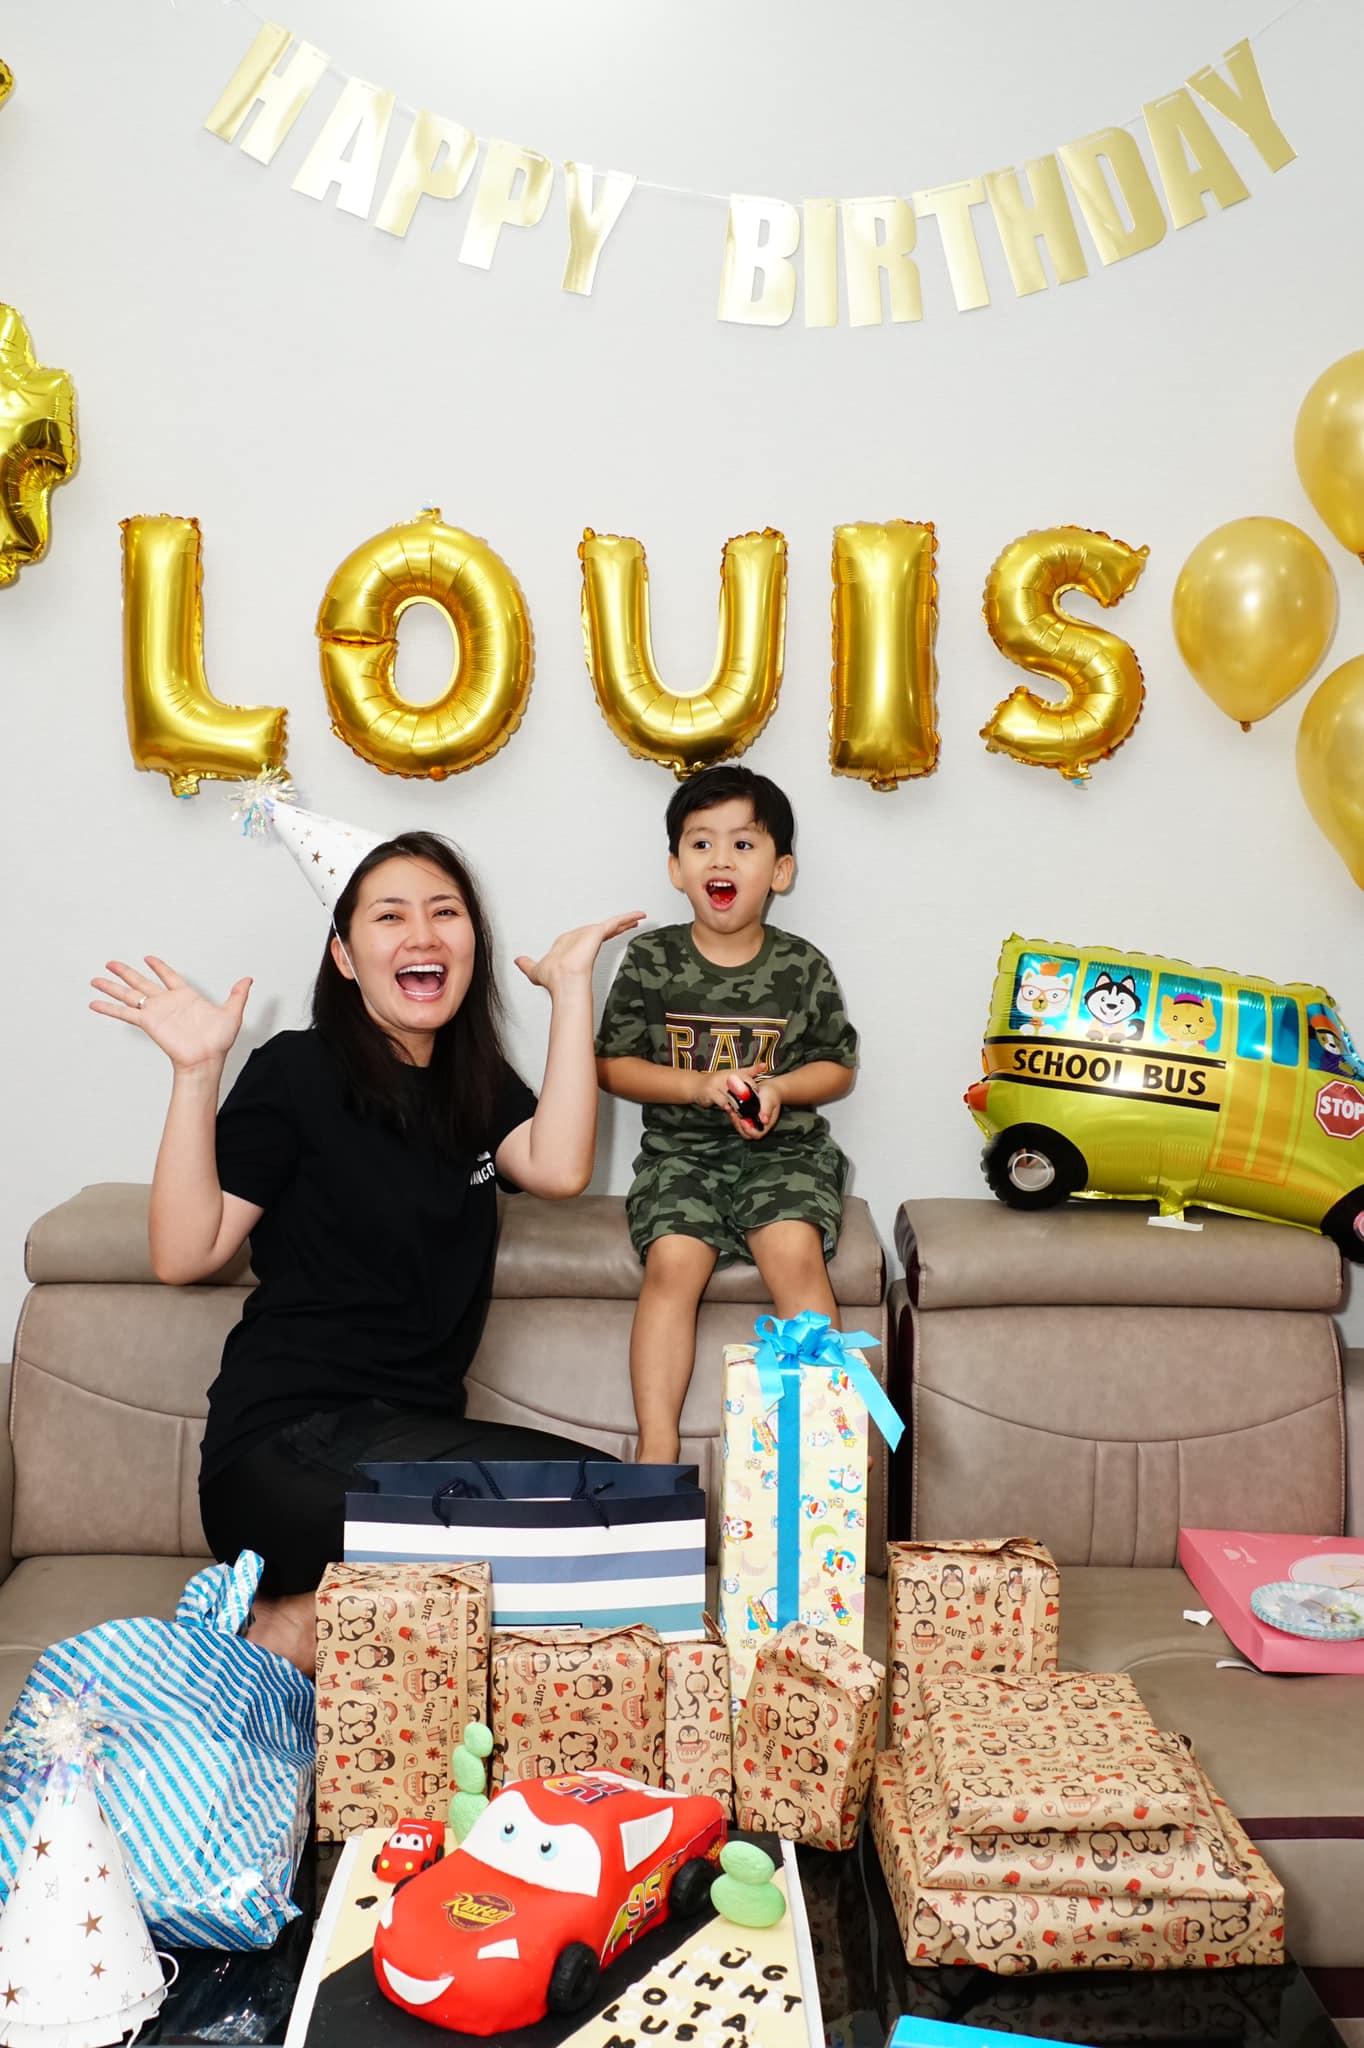 Ngọc Lan kỳ quặc tổ chức sinh nhật cho bé, Thanh Bình vắng mặt nhưng lại có hành động đặc biệt dành cho bé - Ảnh 3.